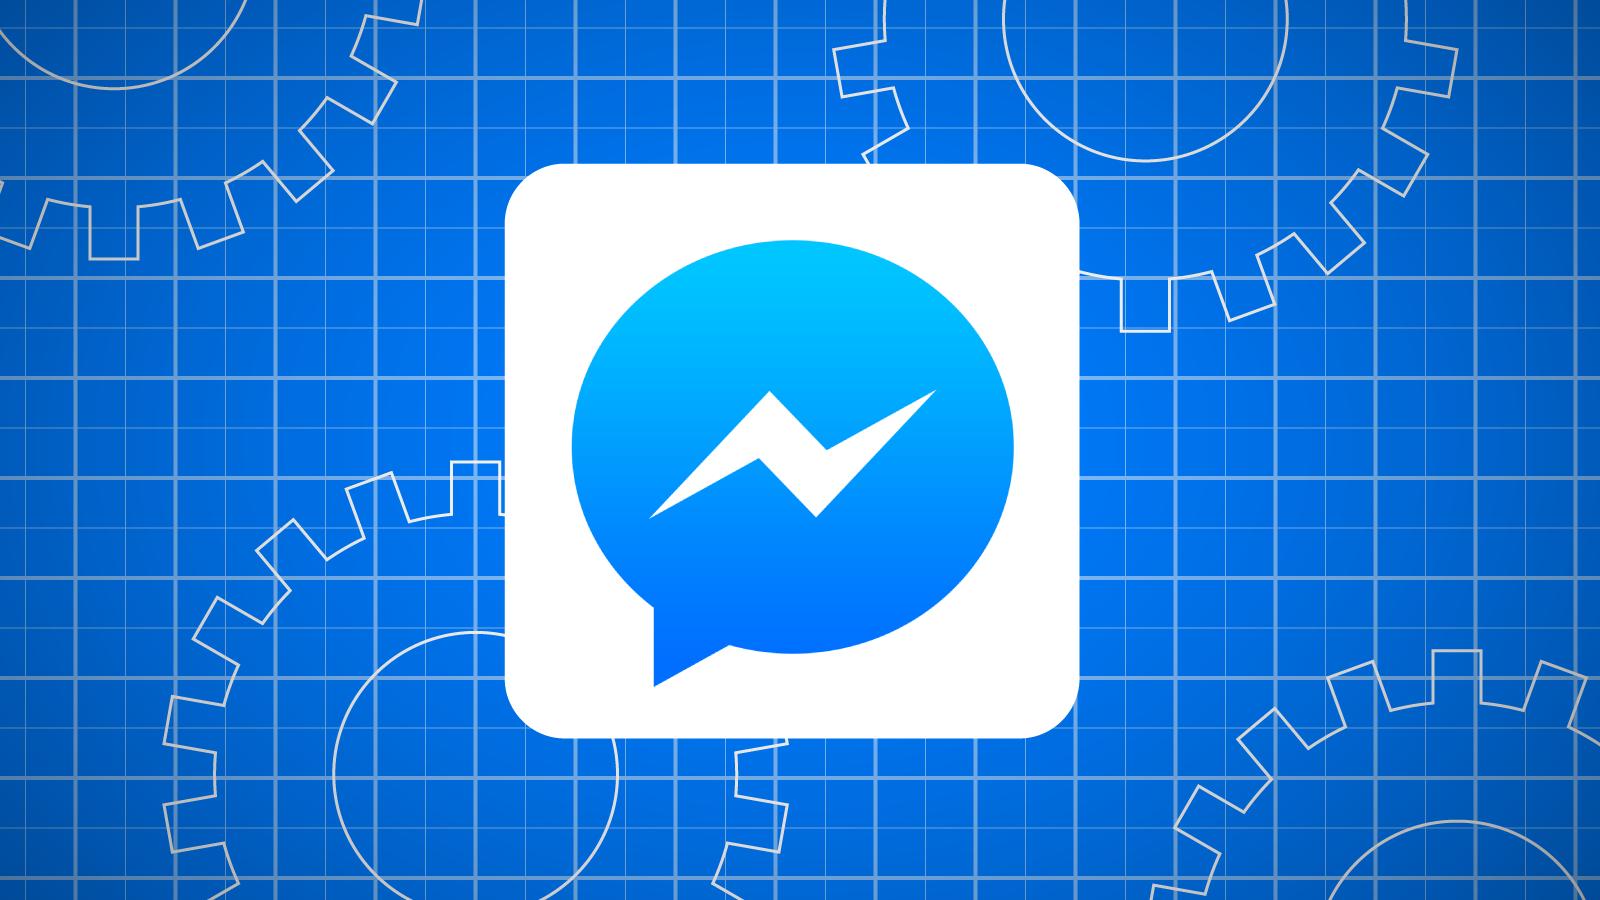 В фейсбук Messenger для Windows 10 стали доступны голосовые ивидеозвонки